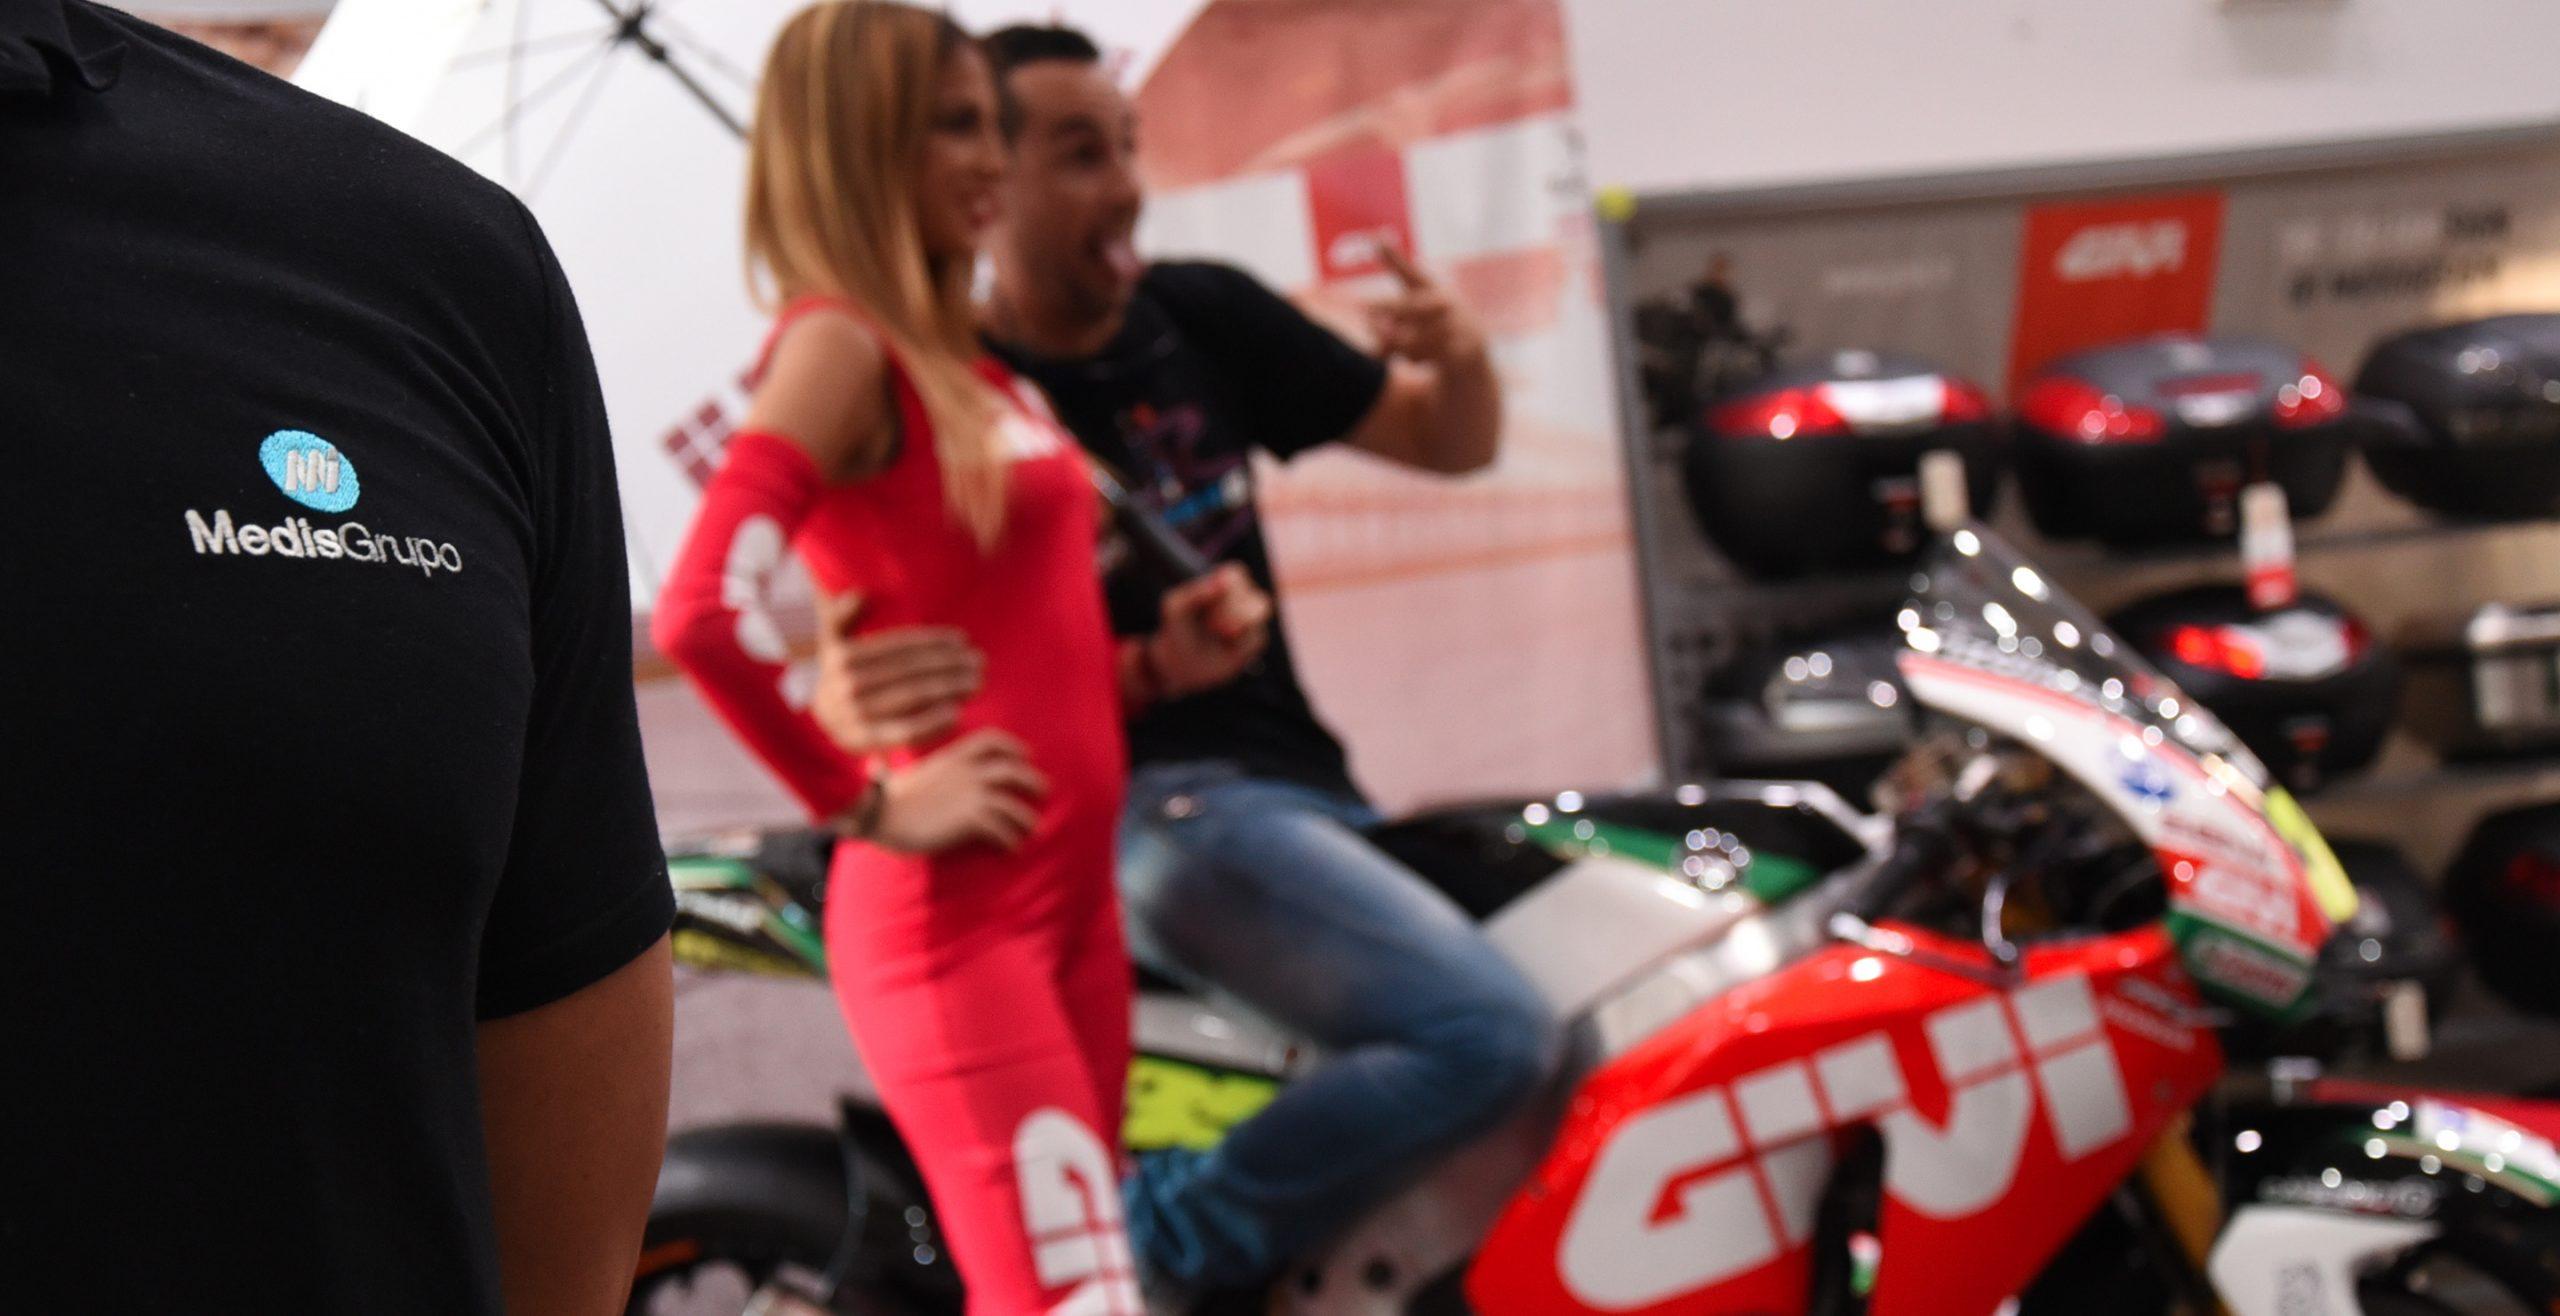 Azafata de GIVI posando al laddo de la moto de Cal Crutchlow del team LCR de MotoGP para acción de marketing de guerrilla GIVI